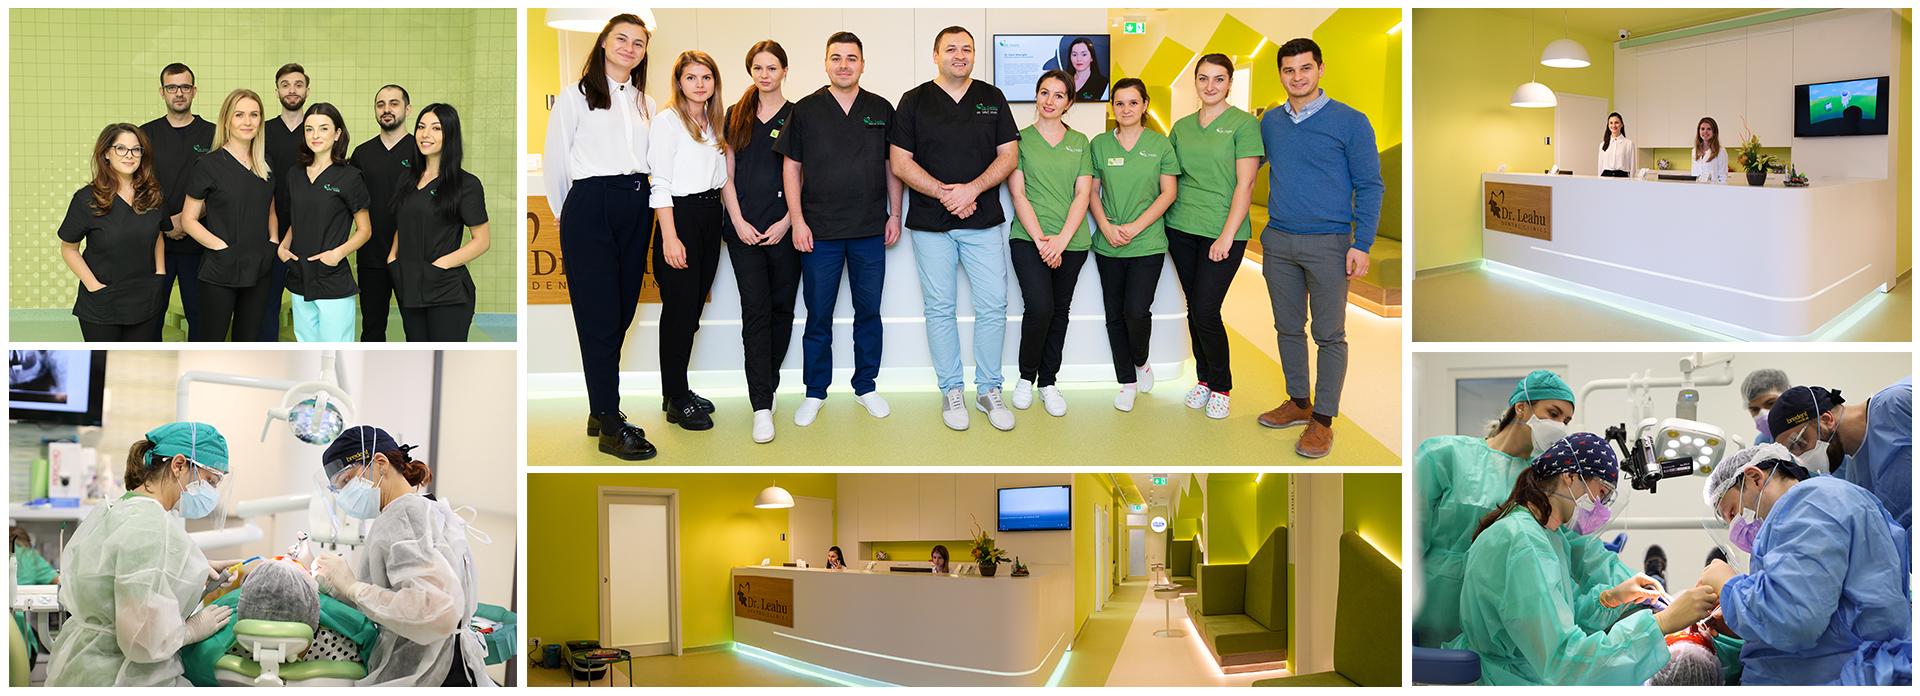 Dr. Ionut Leahu si echipa de medici, asistente si receptioniste, angajati la sediile clinicilor din Bucursti si din tara